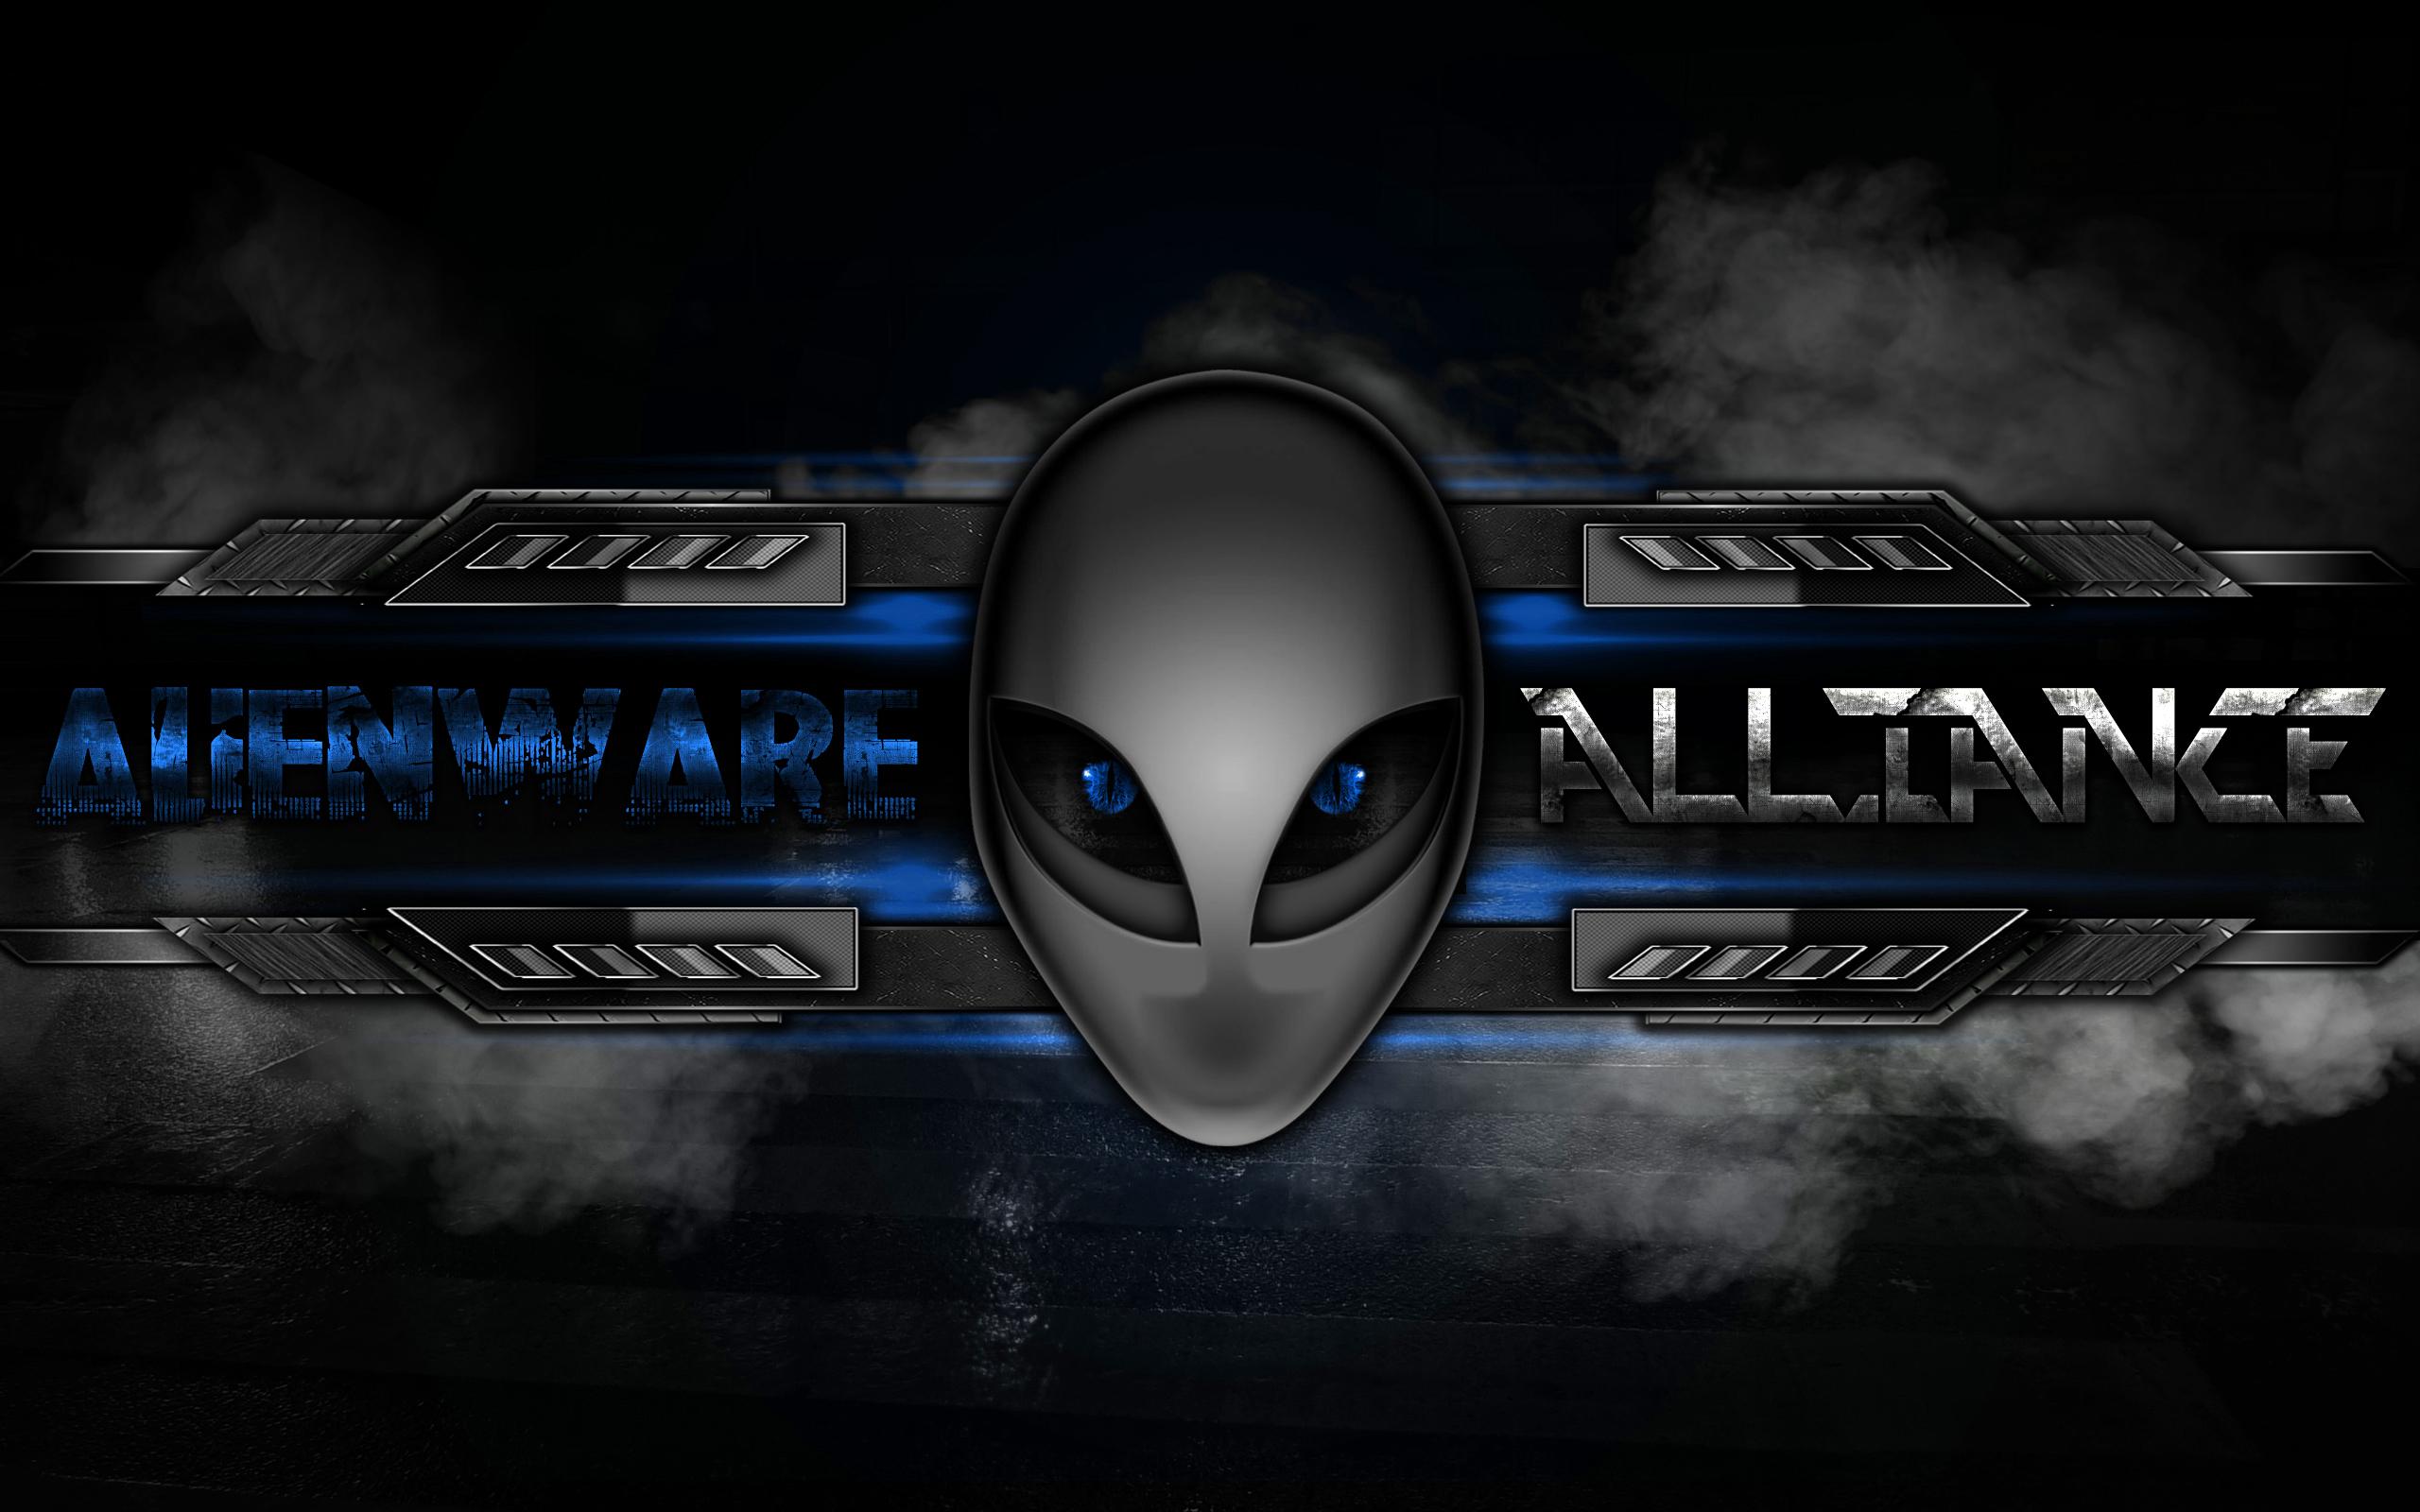 alienware desktop backgrounds圖片